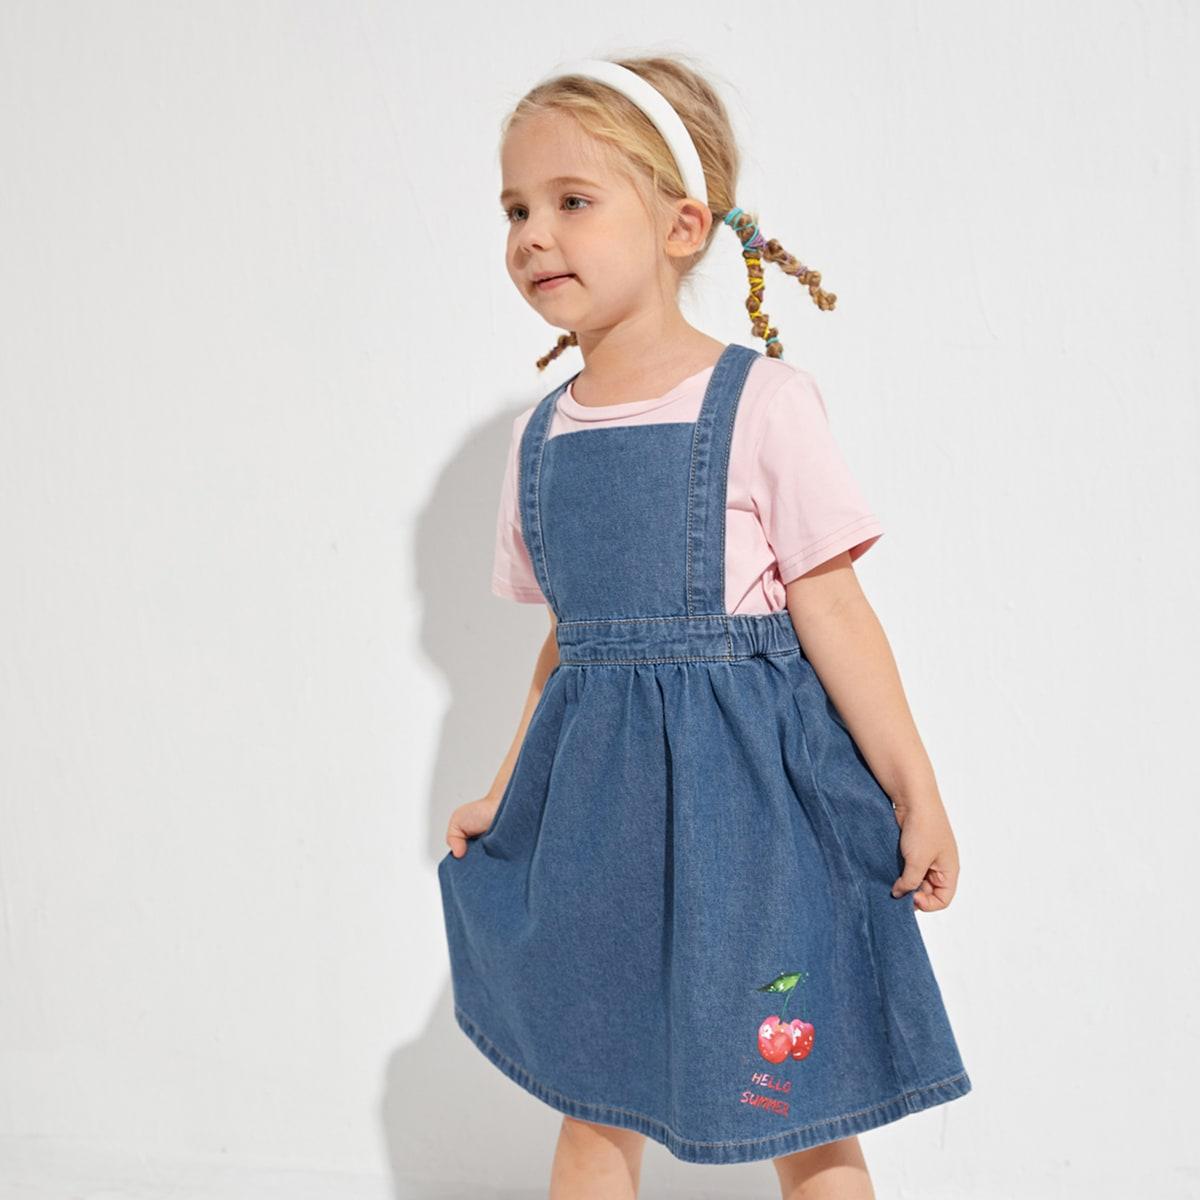 для девочек Джинсовое платье буква & с принтом вишни SheIn skdress25210422425